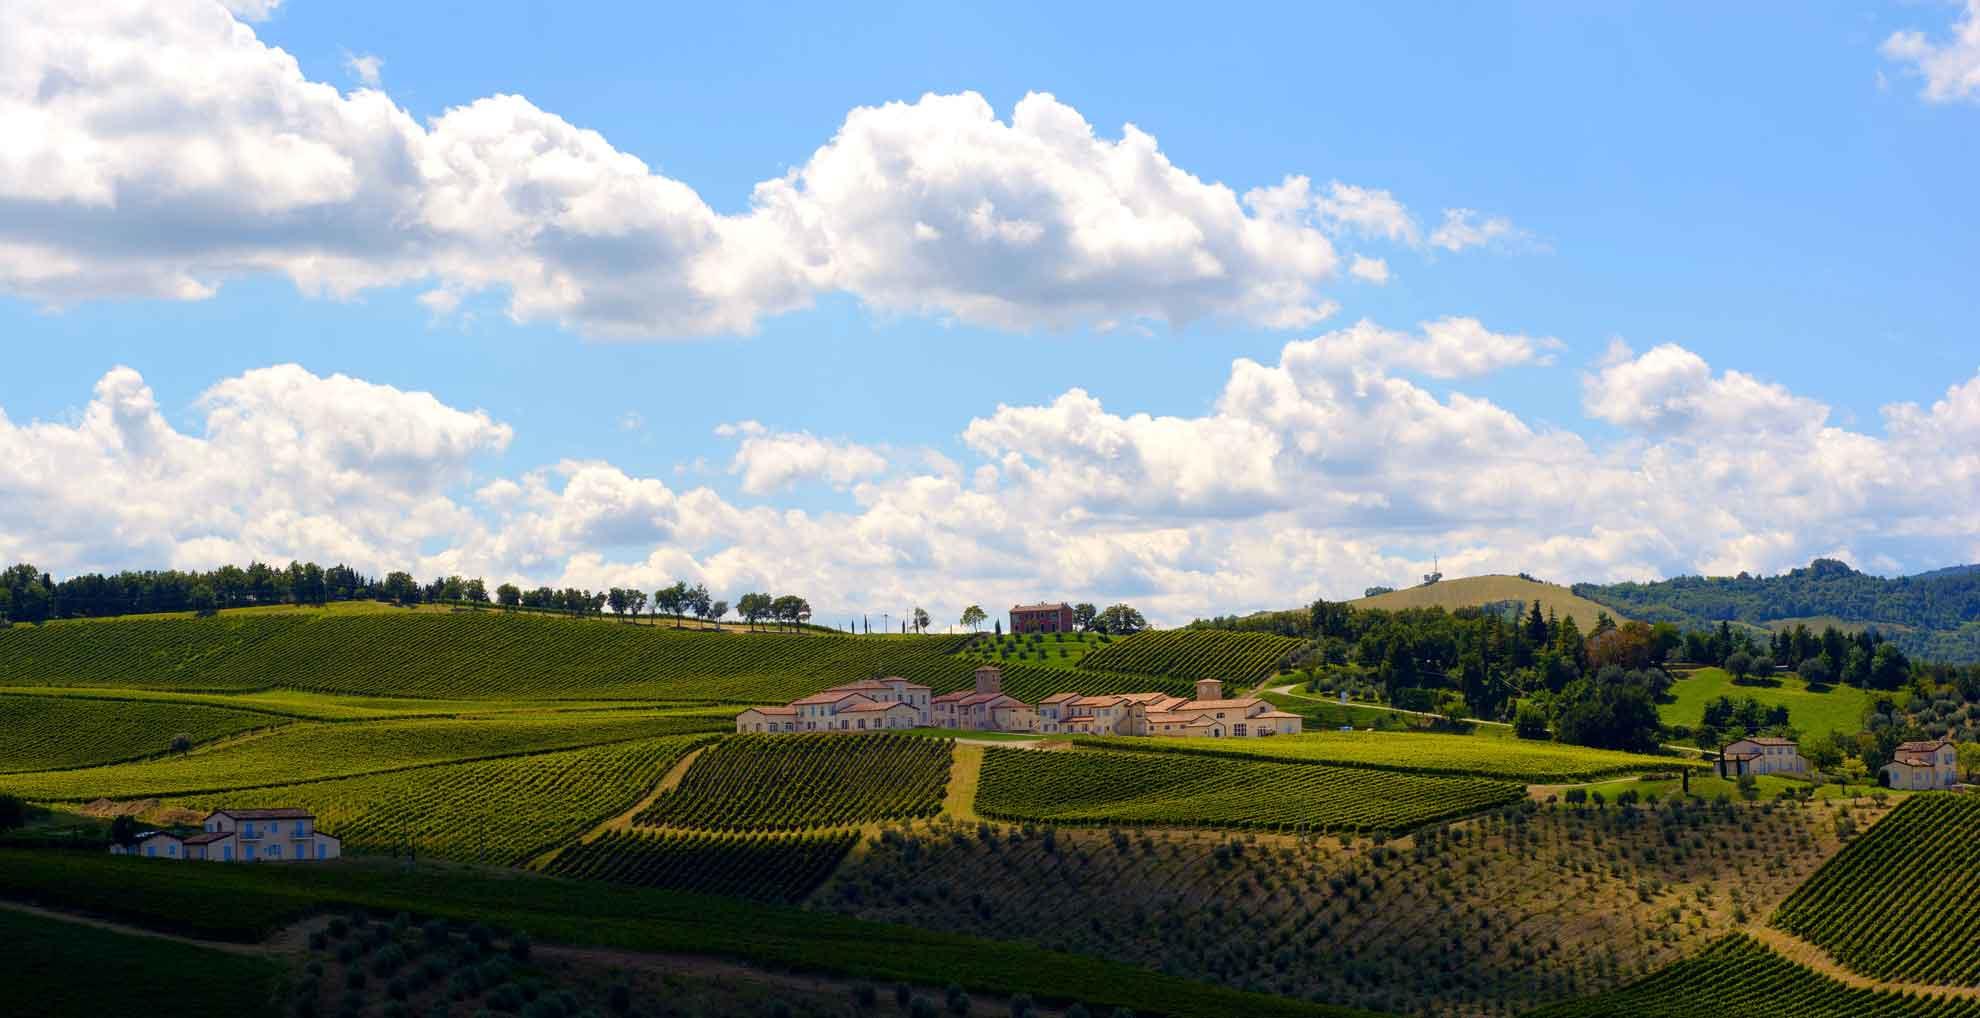 Borgo Condè, Predappio - Vini Sangiovese e Merlot in purezza